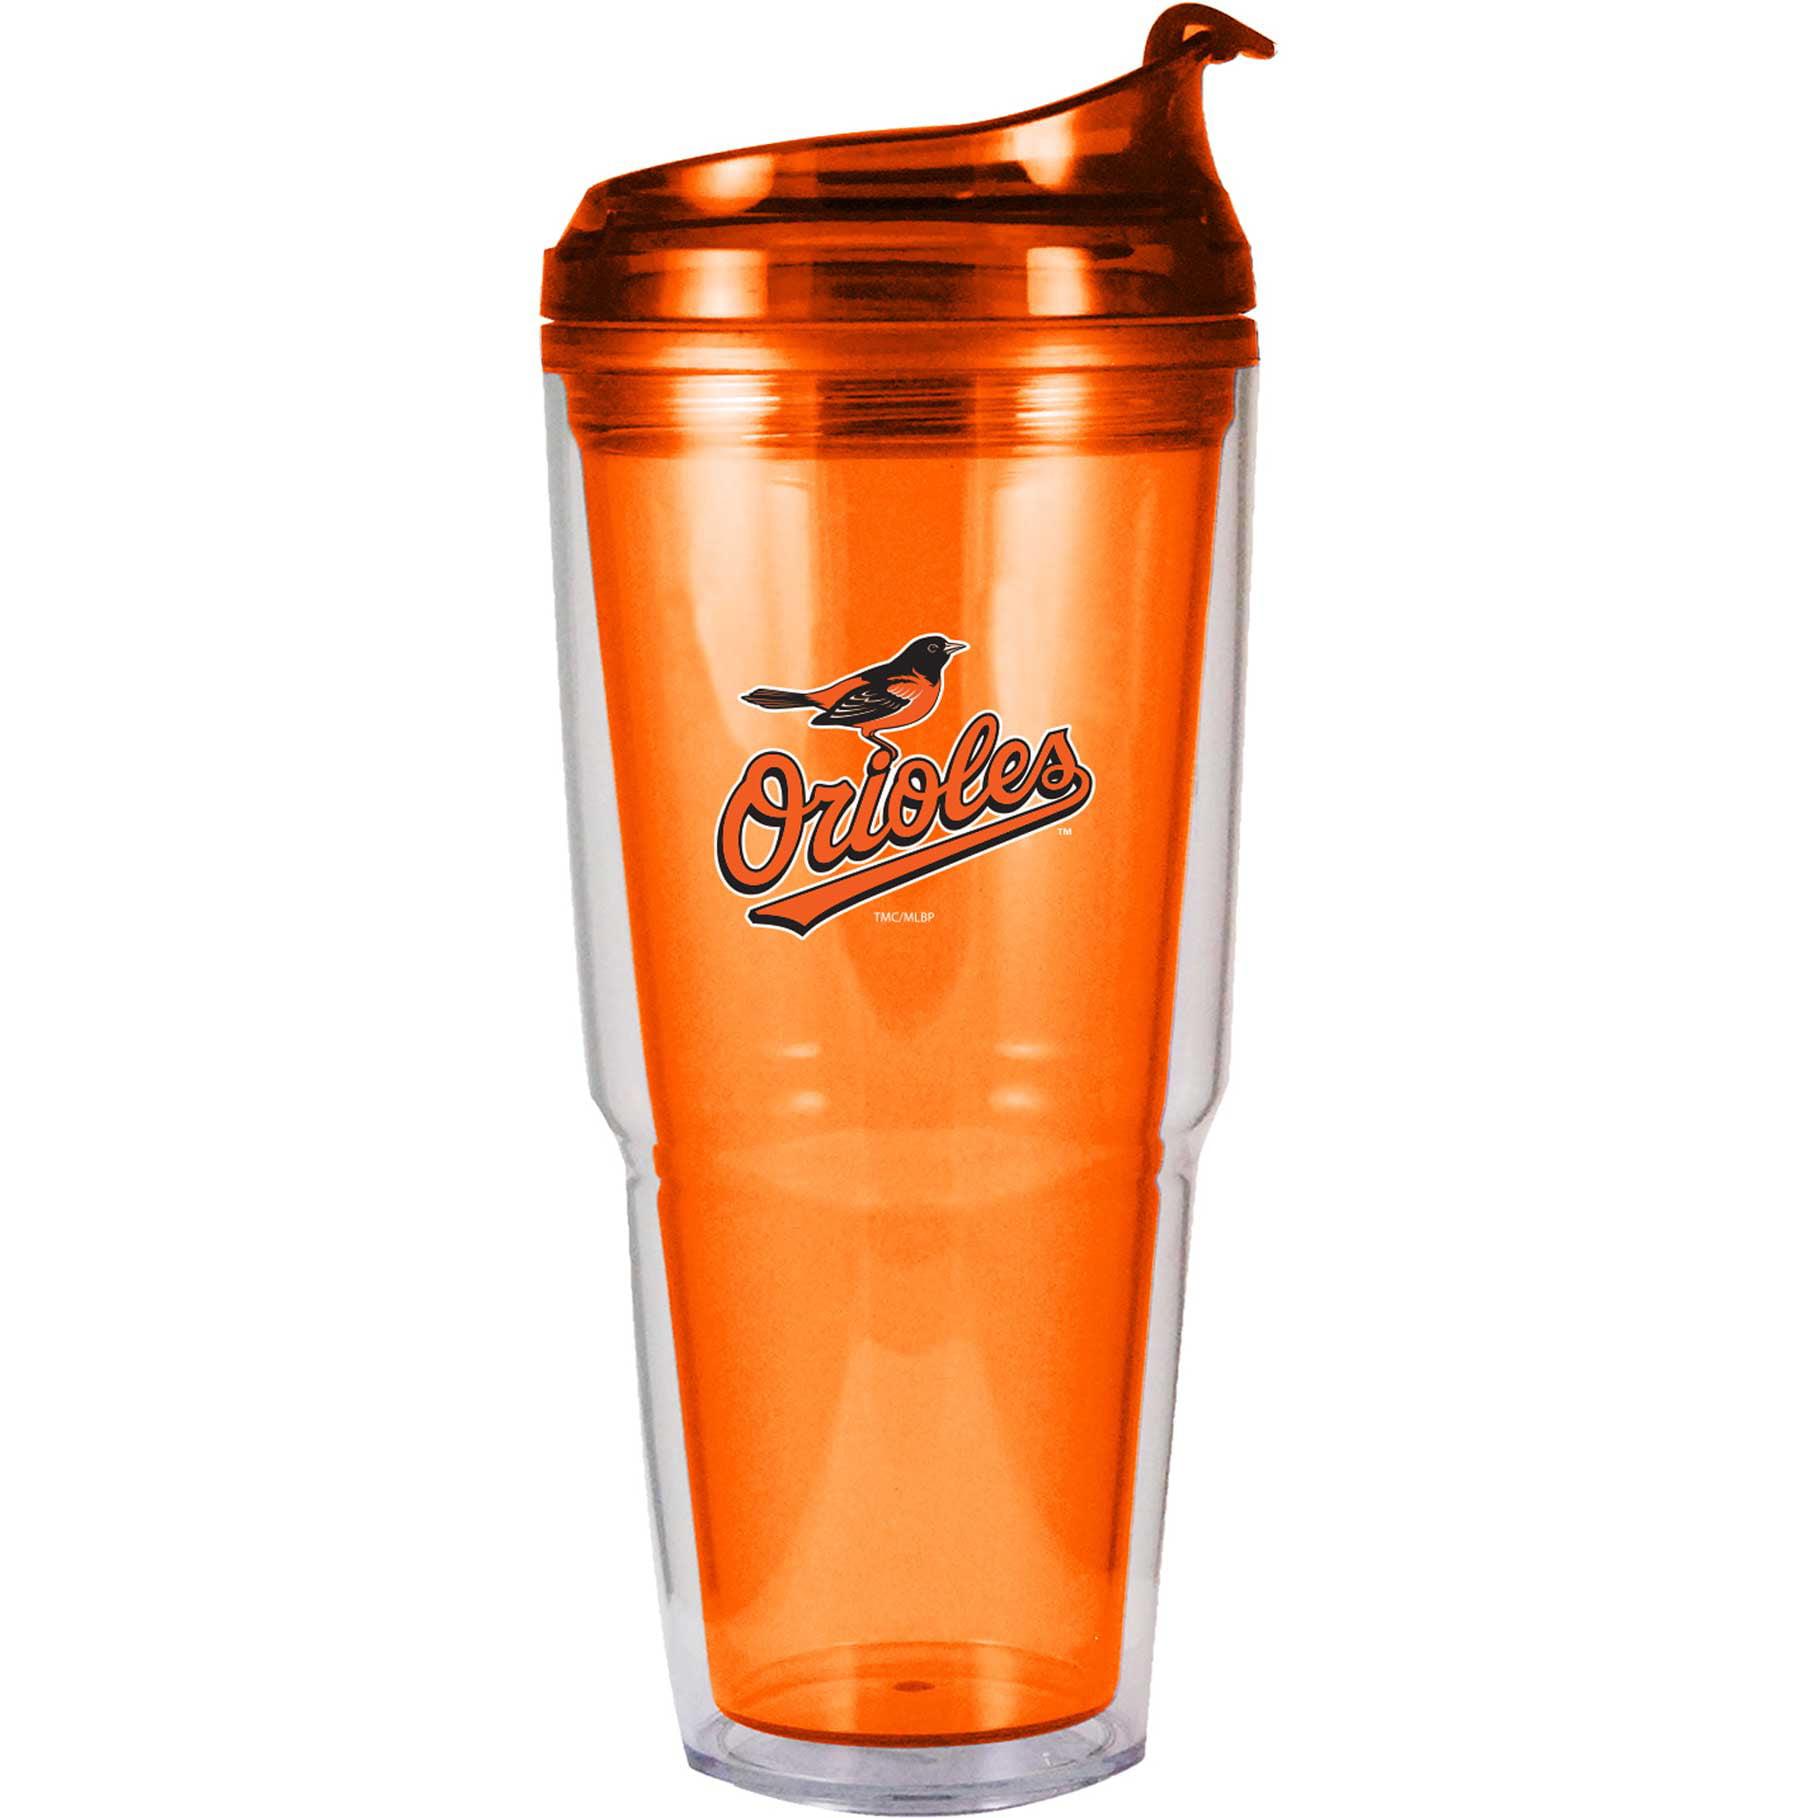 Baltimore Orioles 20oz. Dual Wall Tumbler - No Size